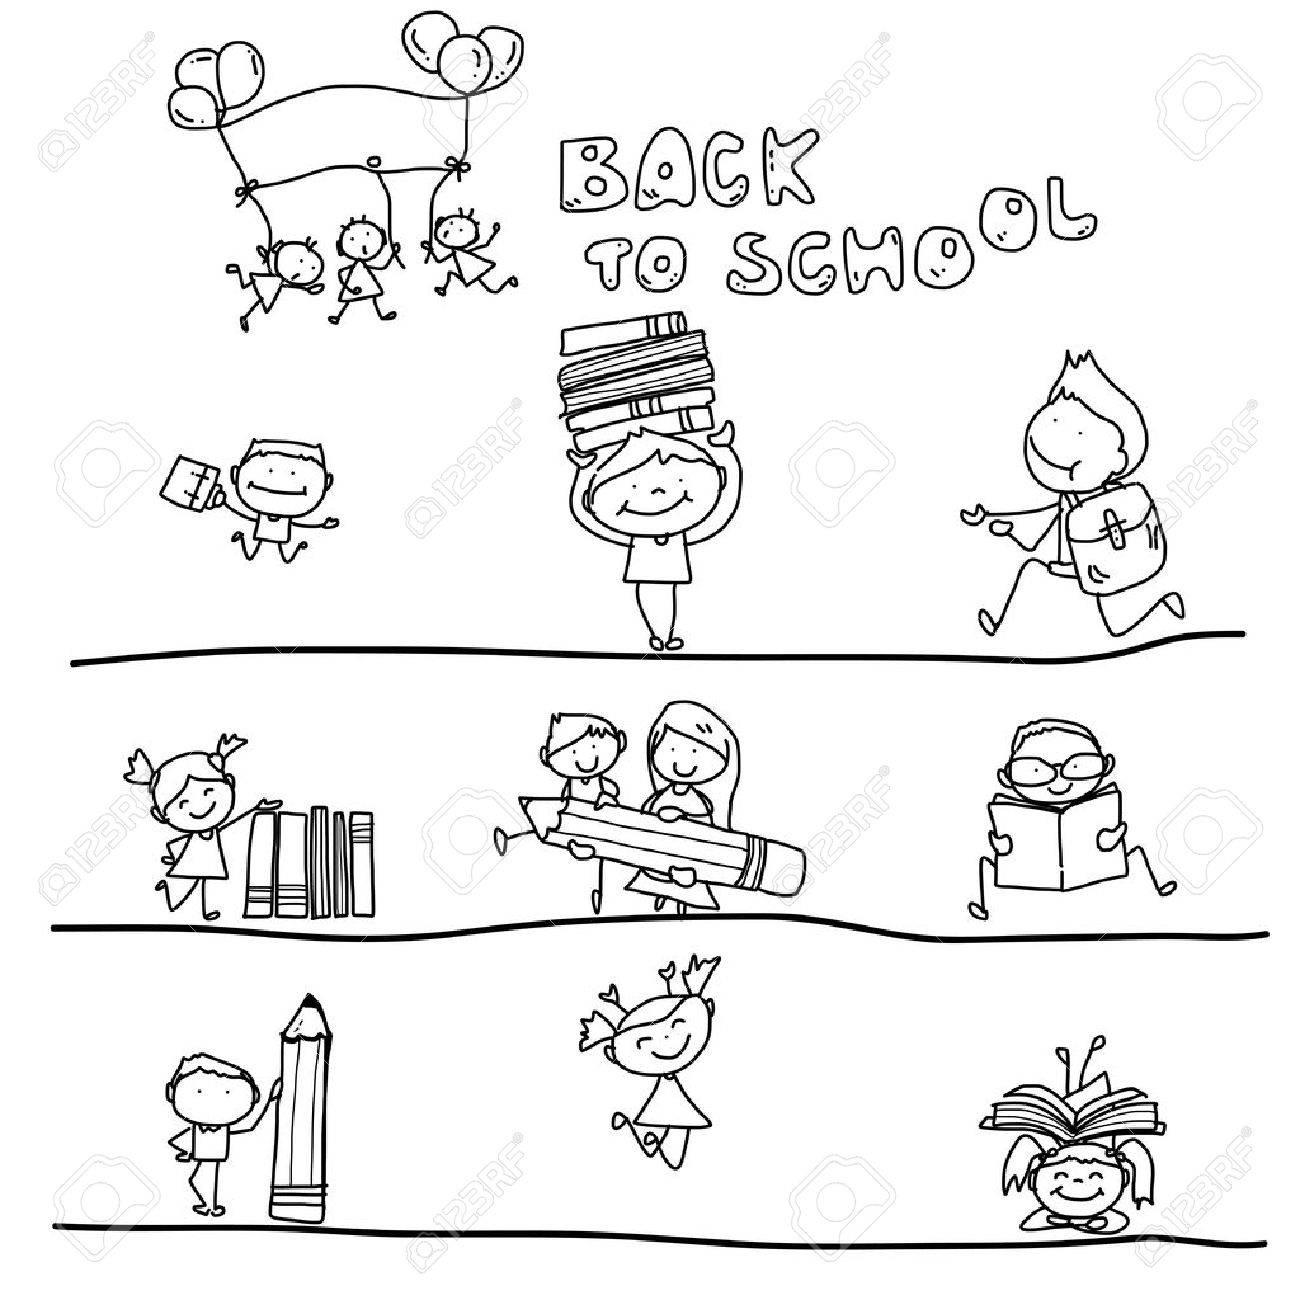 hand drawing cartoon happy kid back to school - 26912785